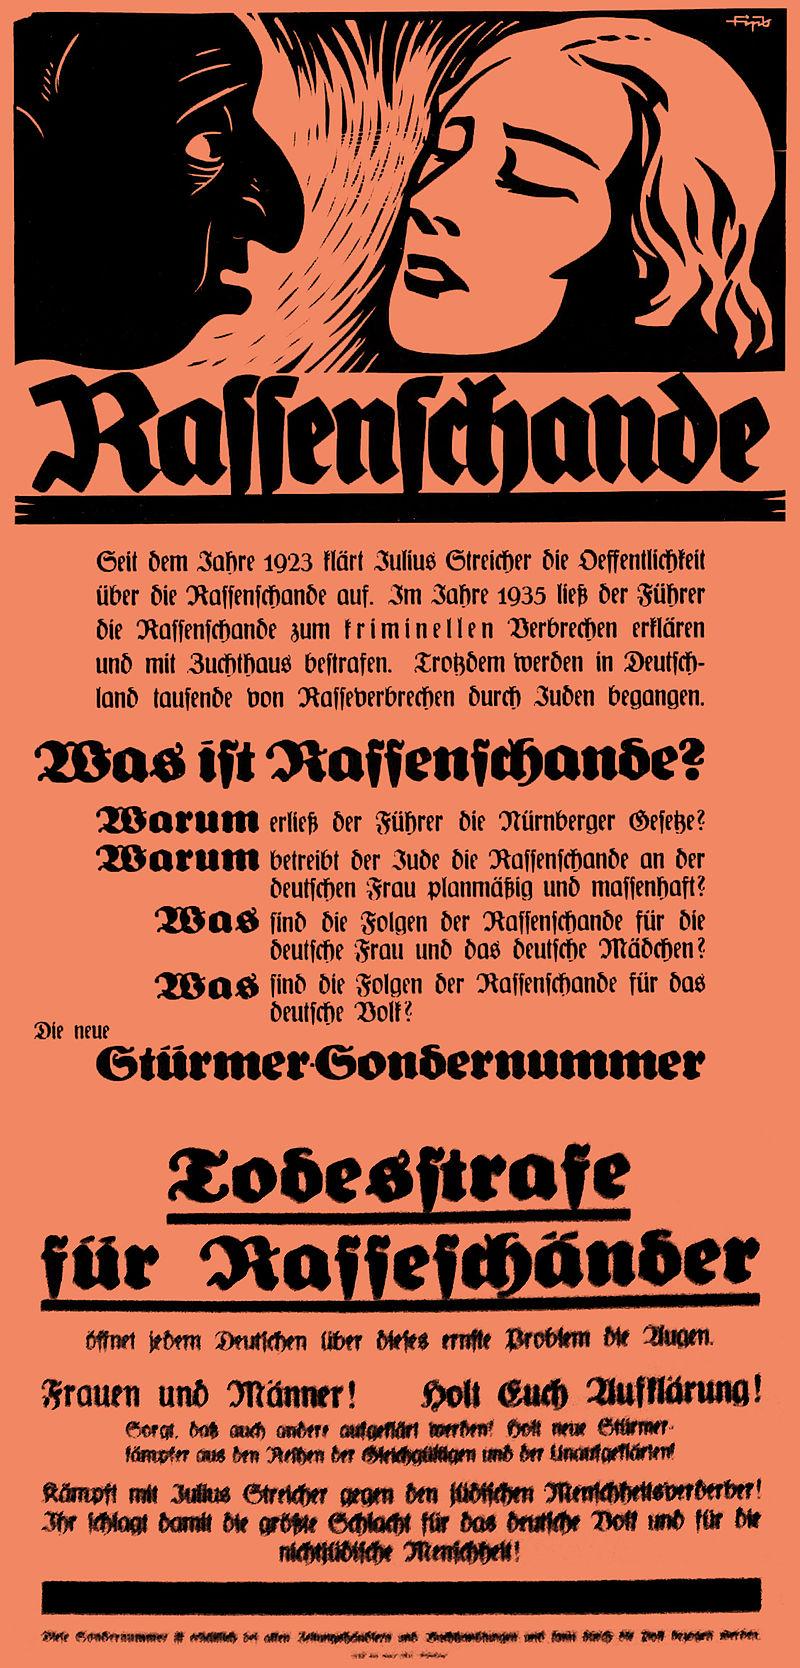 800px-deutsches_historisches_museum_der_stc3bcrmerplakat